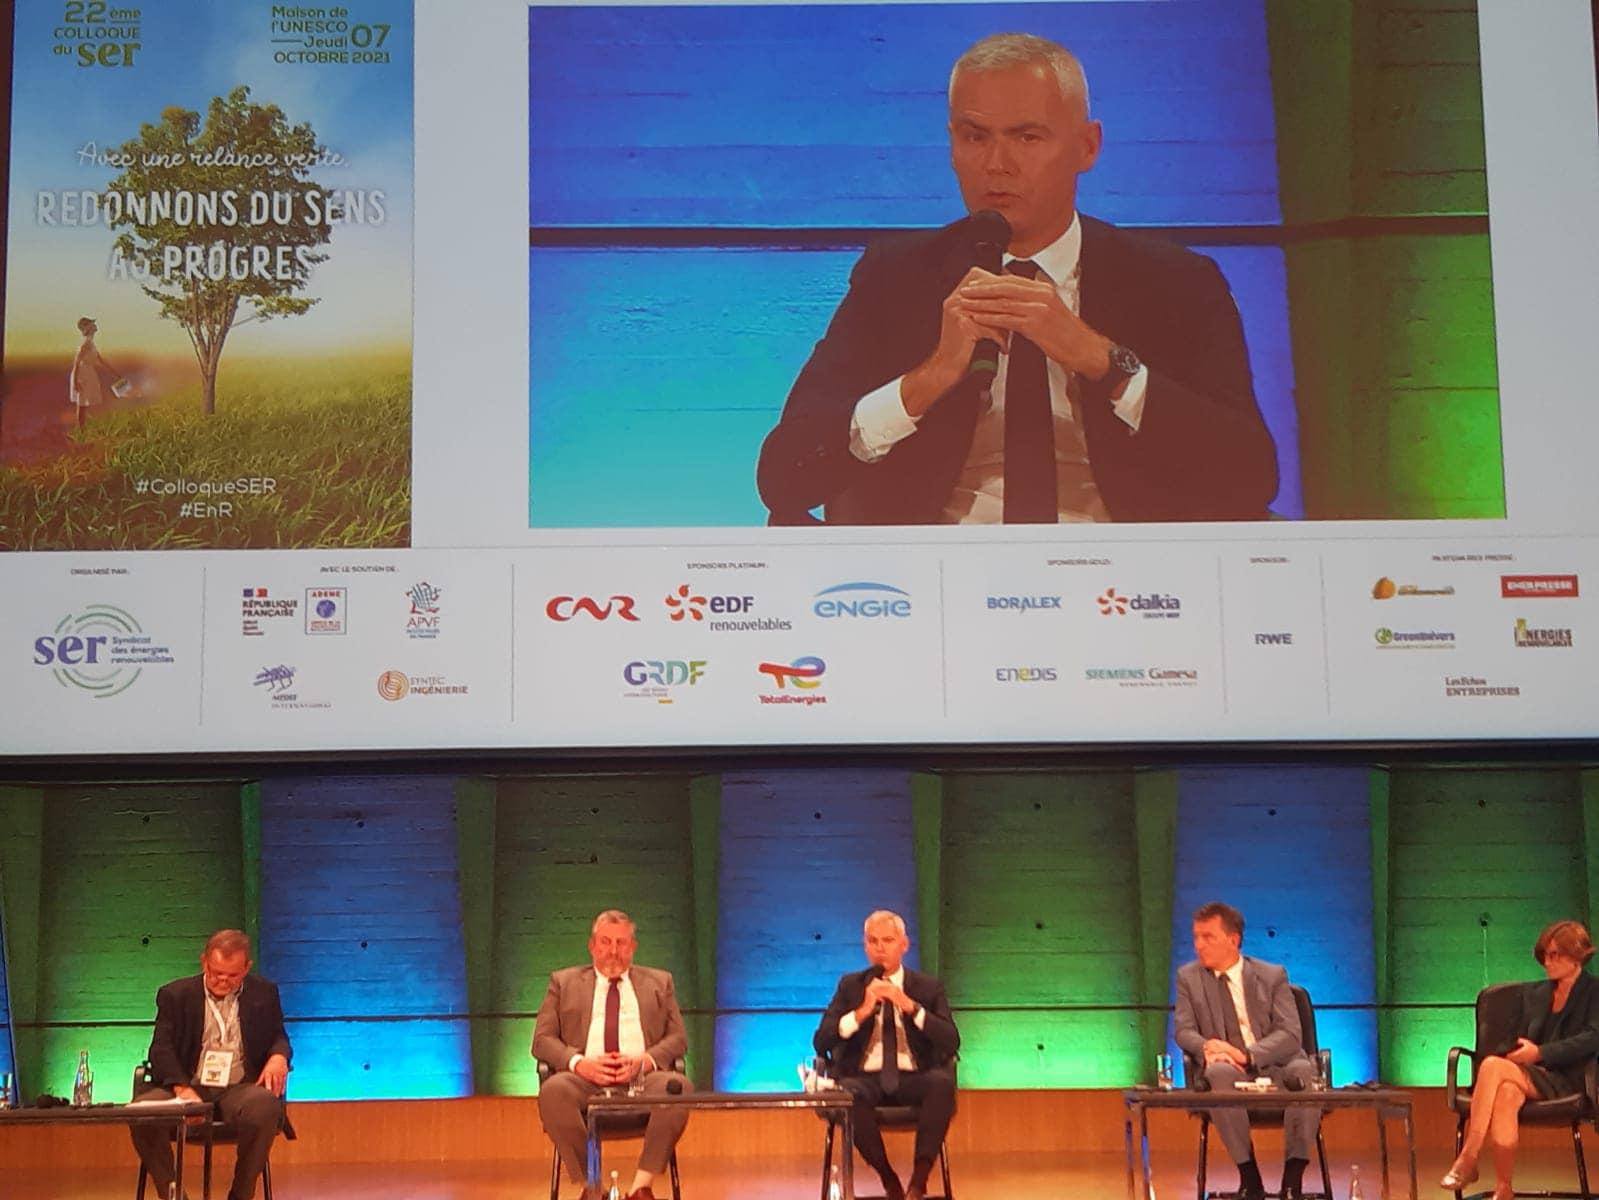 Congrès annuel du SER: Christophe Bouillon rappelle que la transition écologique se joue dans les petites villes